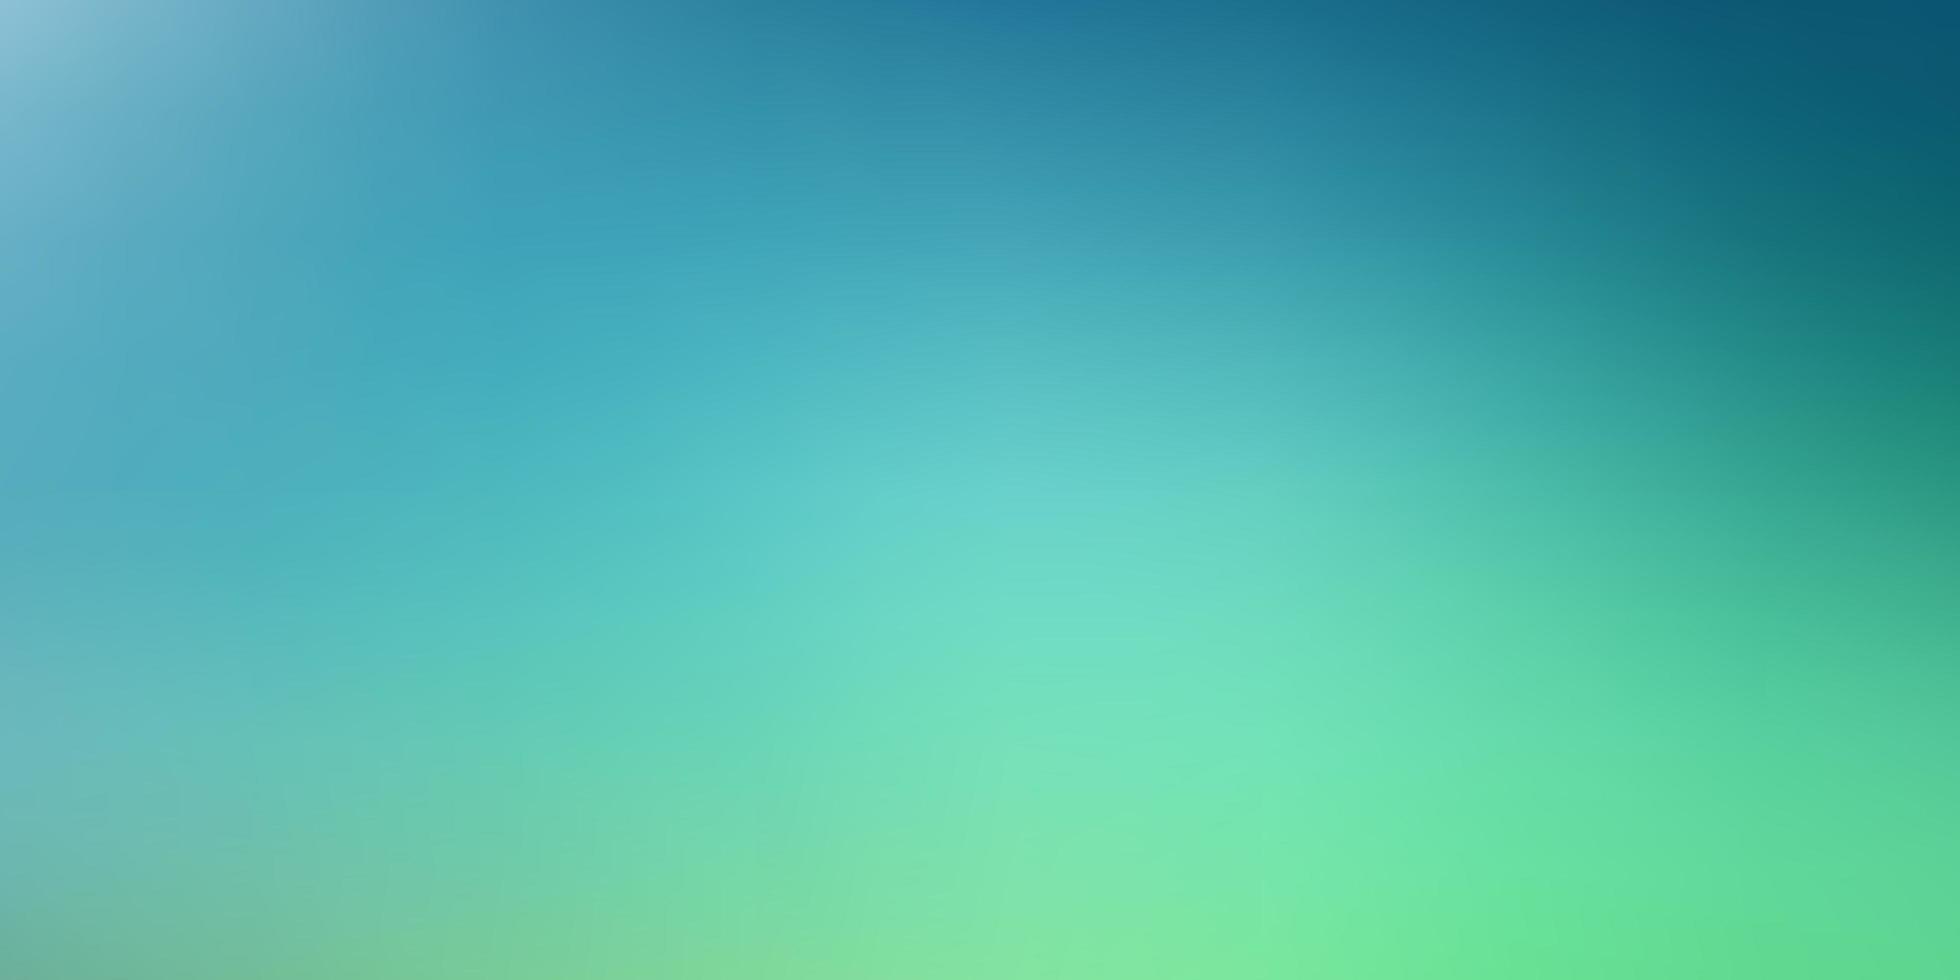 lichtgroen slim wazig patroon. vector